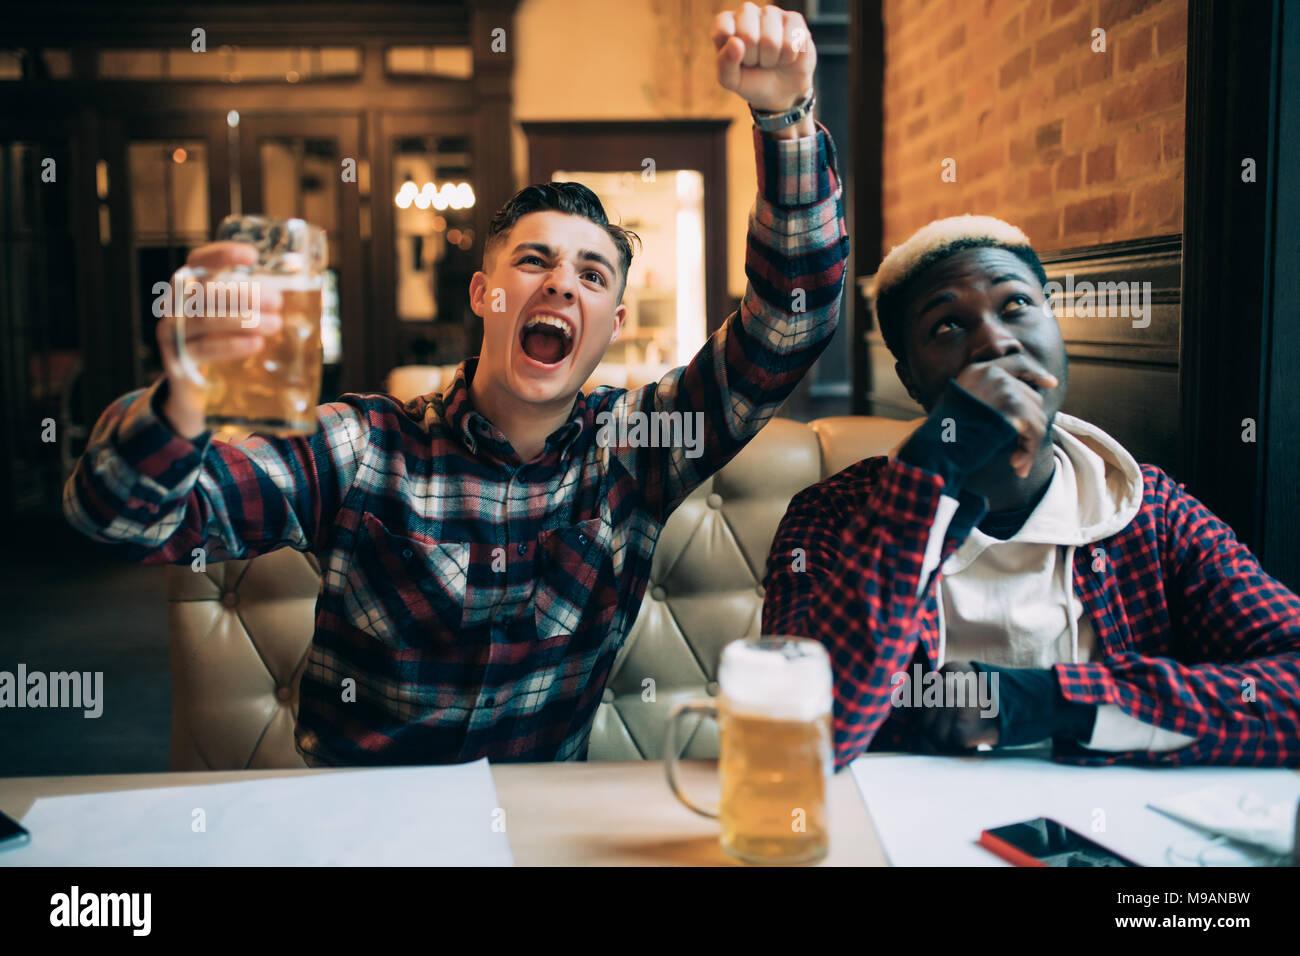 Bel giovane tenendo la sua birra e felice gridando guardando lo schermo del televisore guardando la partita di calcio con il suo sconvolto afro american amici in loc Immagini Stock